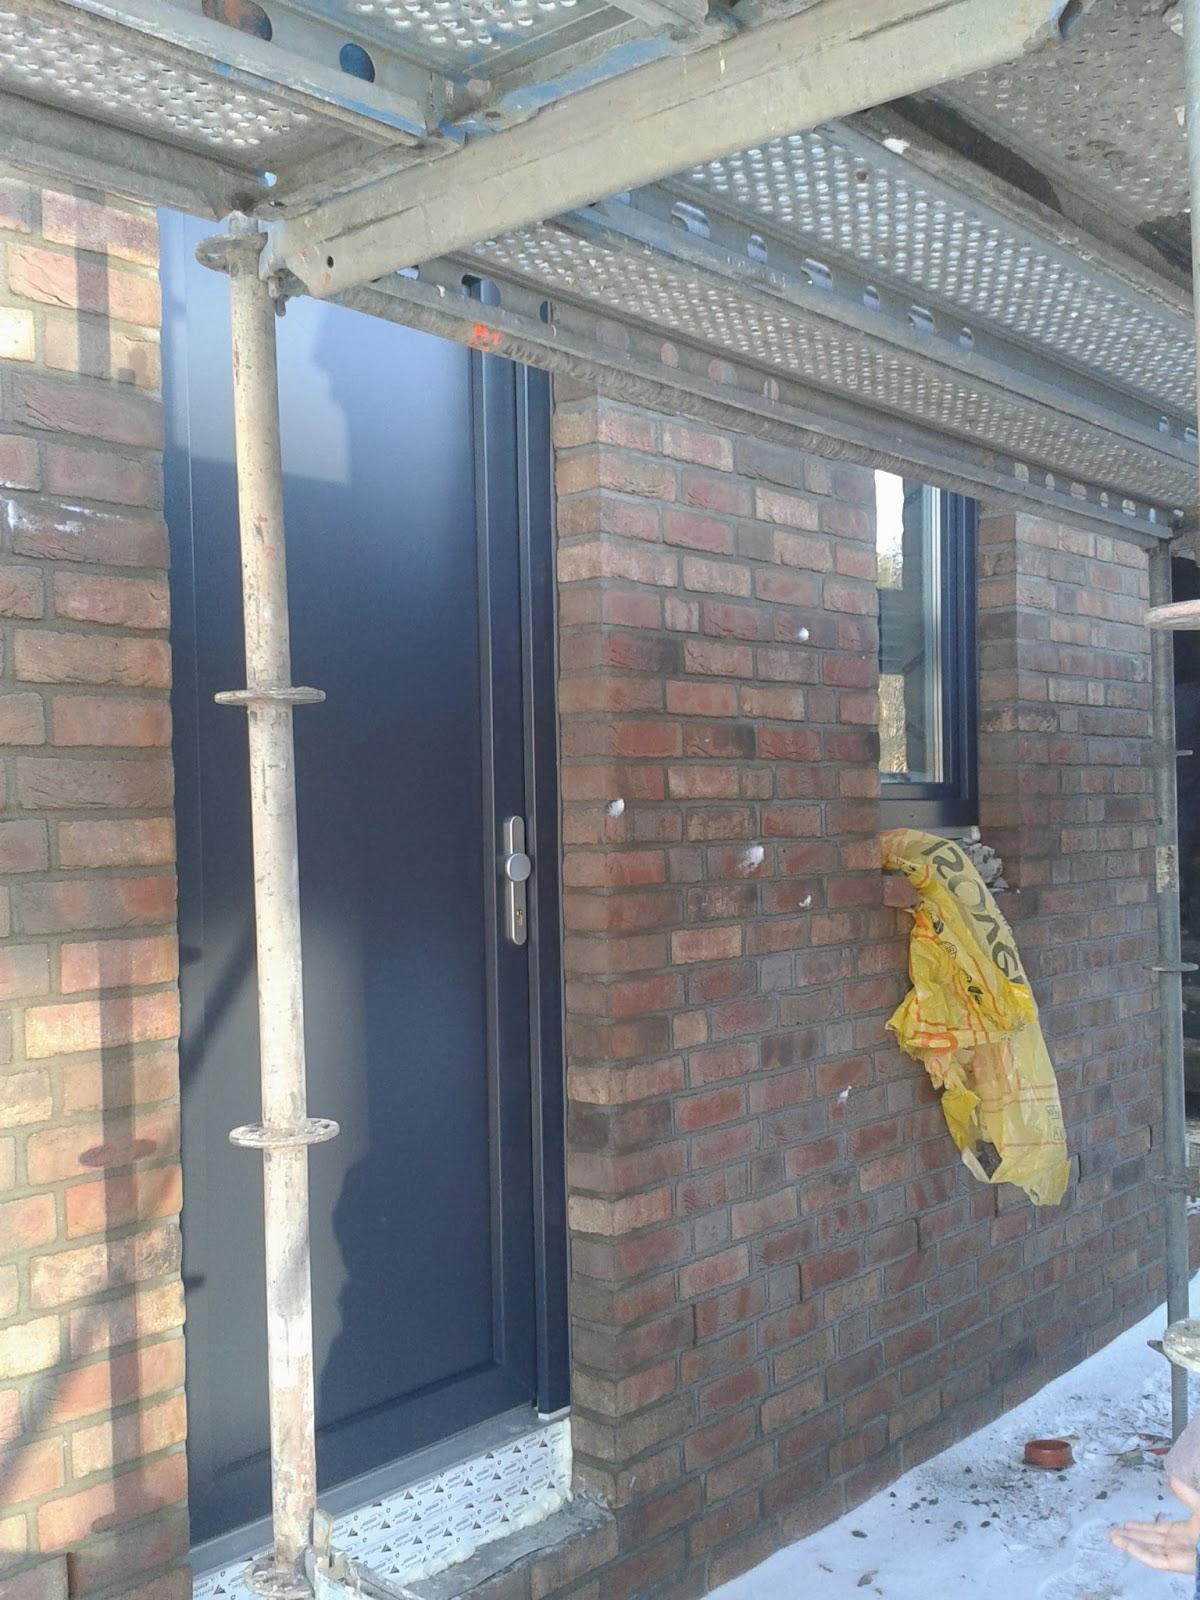 Unser abenteuer hausbau 2013 2014 einbau der fenster 1 tag - Fenster schallschutzklasse 6 ...